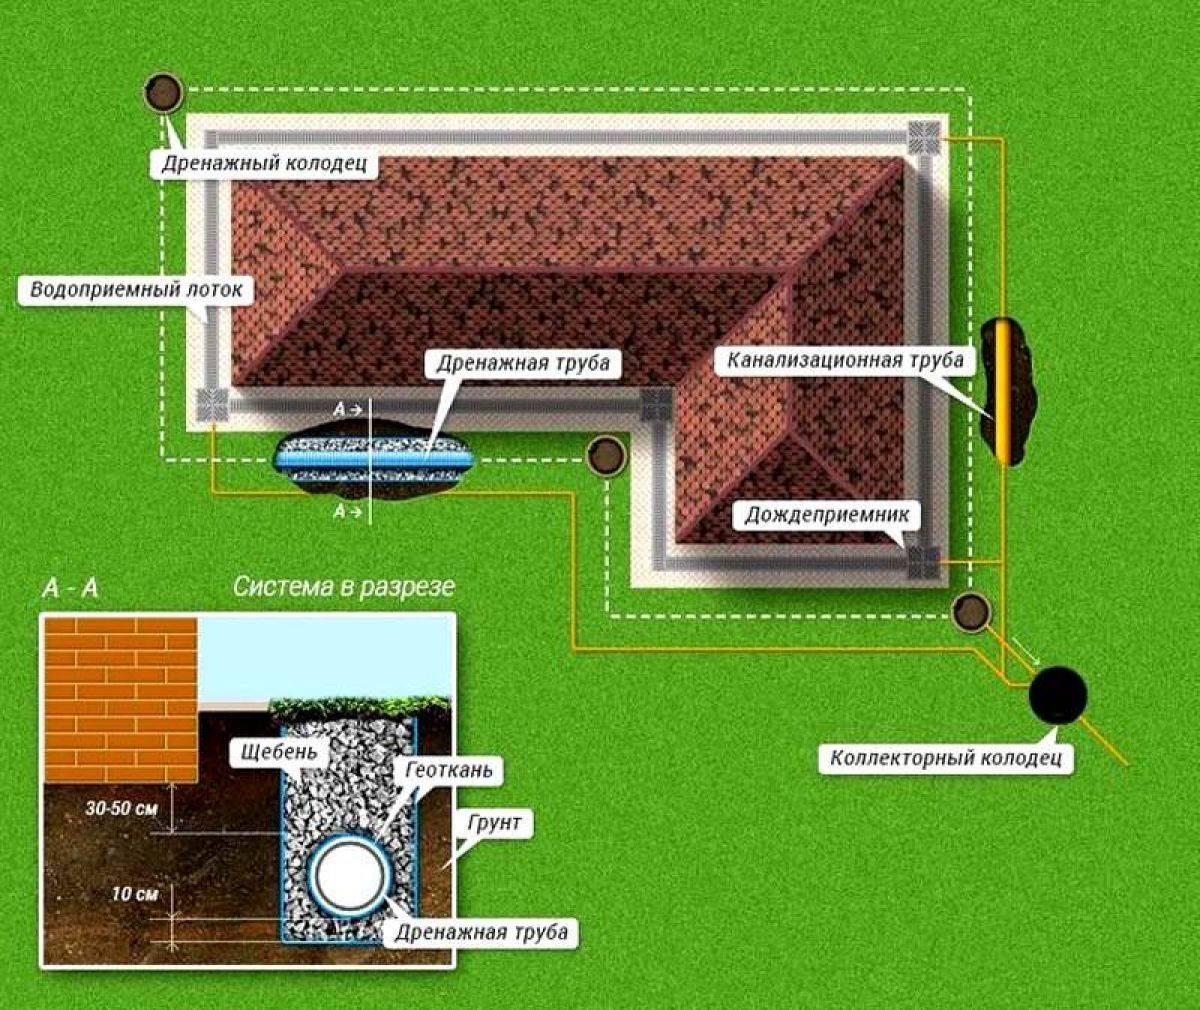 Правильное устройство дренажа вокруг дома: разбор основных технических моментов